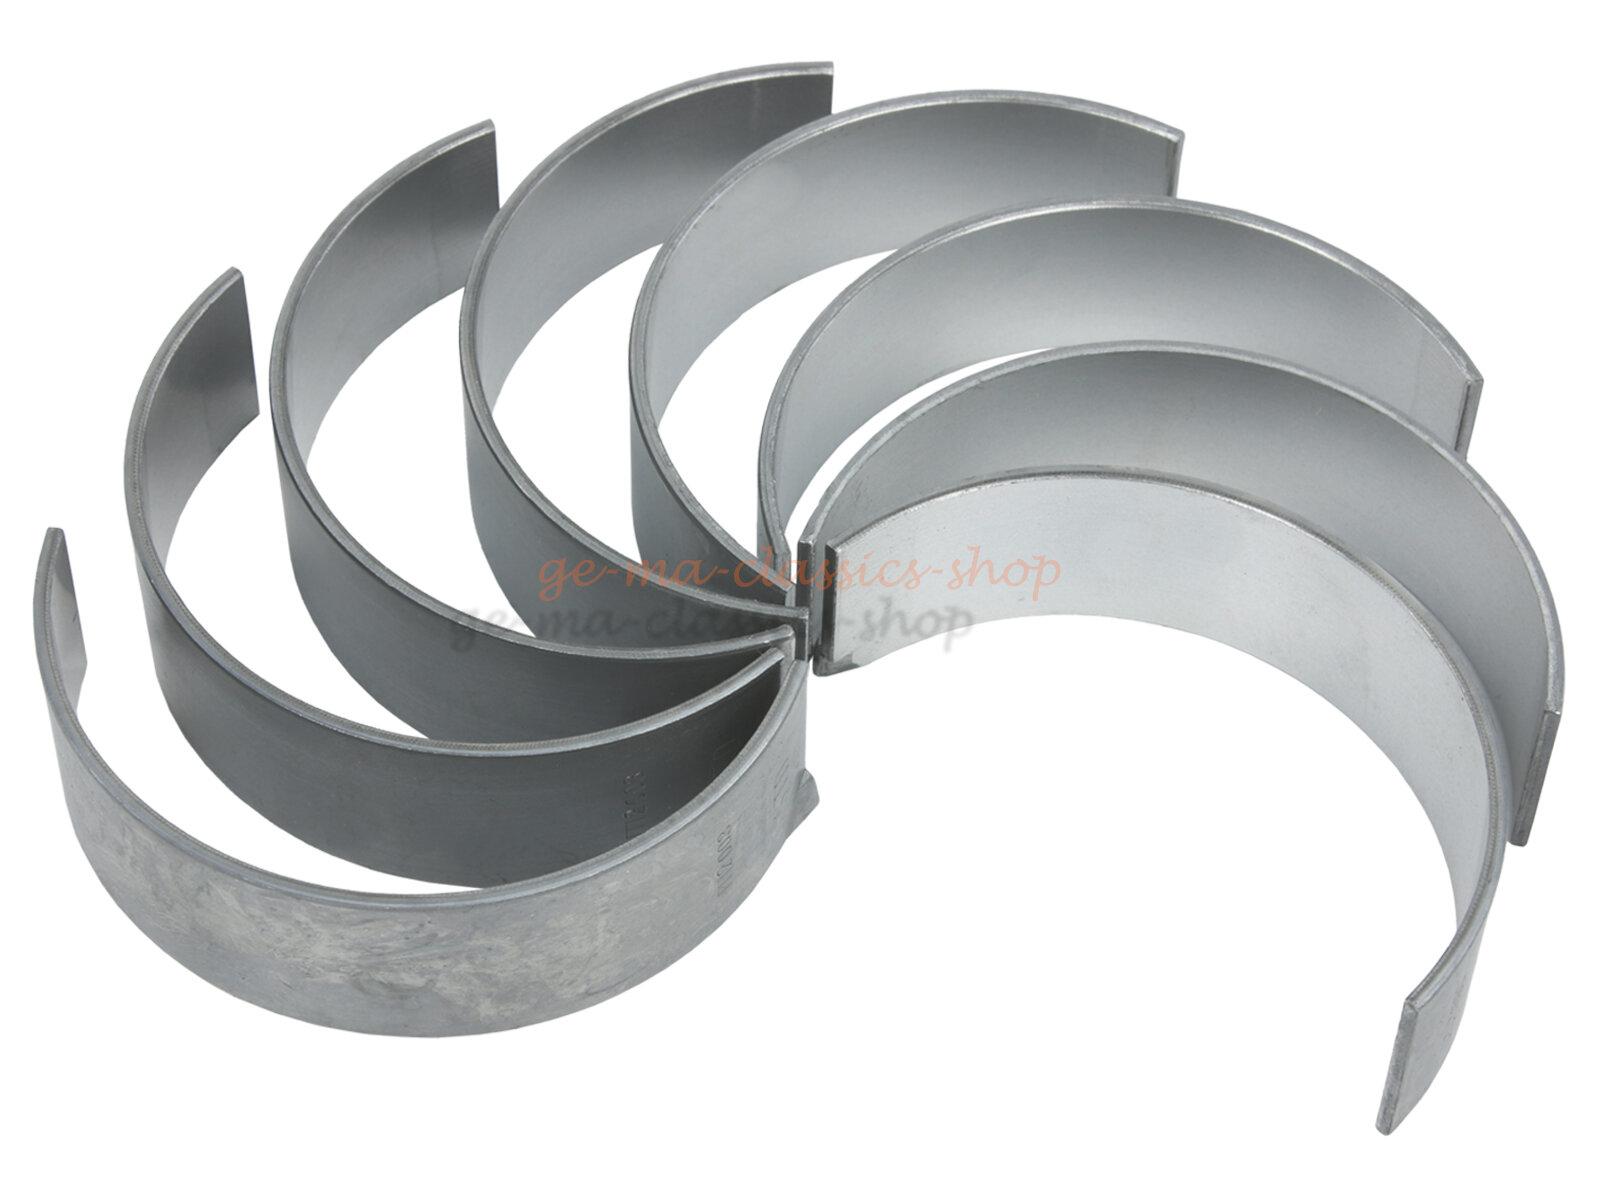 Pleuellager Standard für 34-50PS 1,2-1,6+WBX Standardmaß